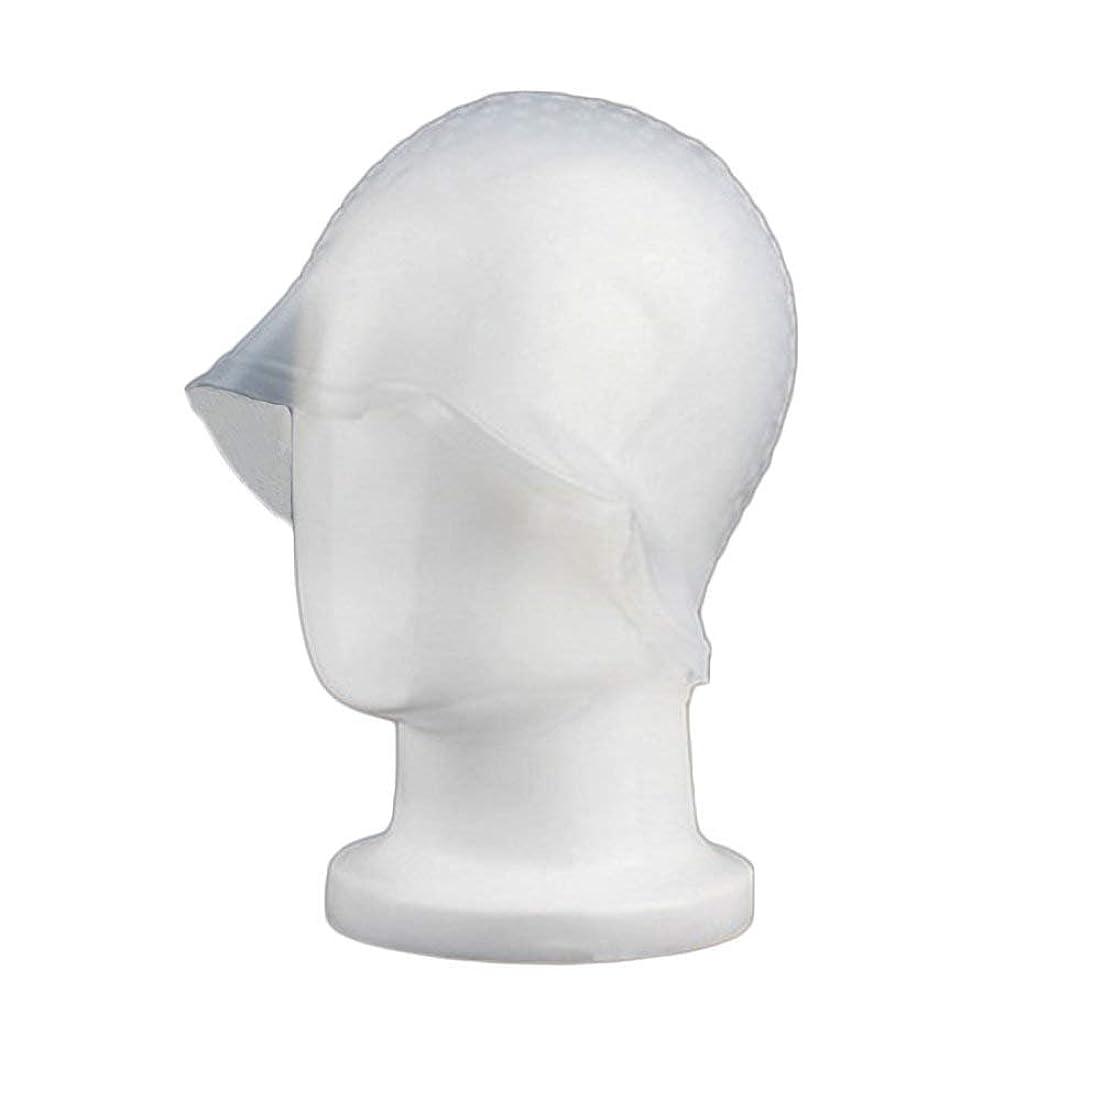 転用ビスケットSincerestore 洗って使える ヘアカラー 染め用 メッシュ 用 シリコン ヘア キャップキャップ (ホワイト)